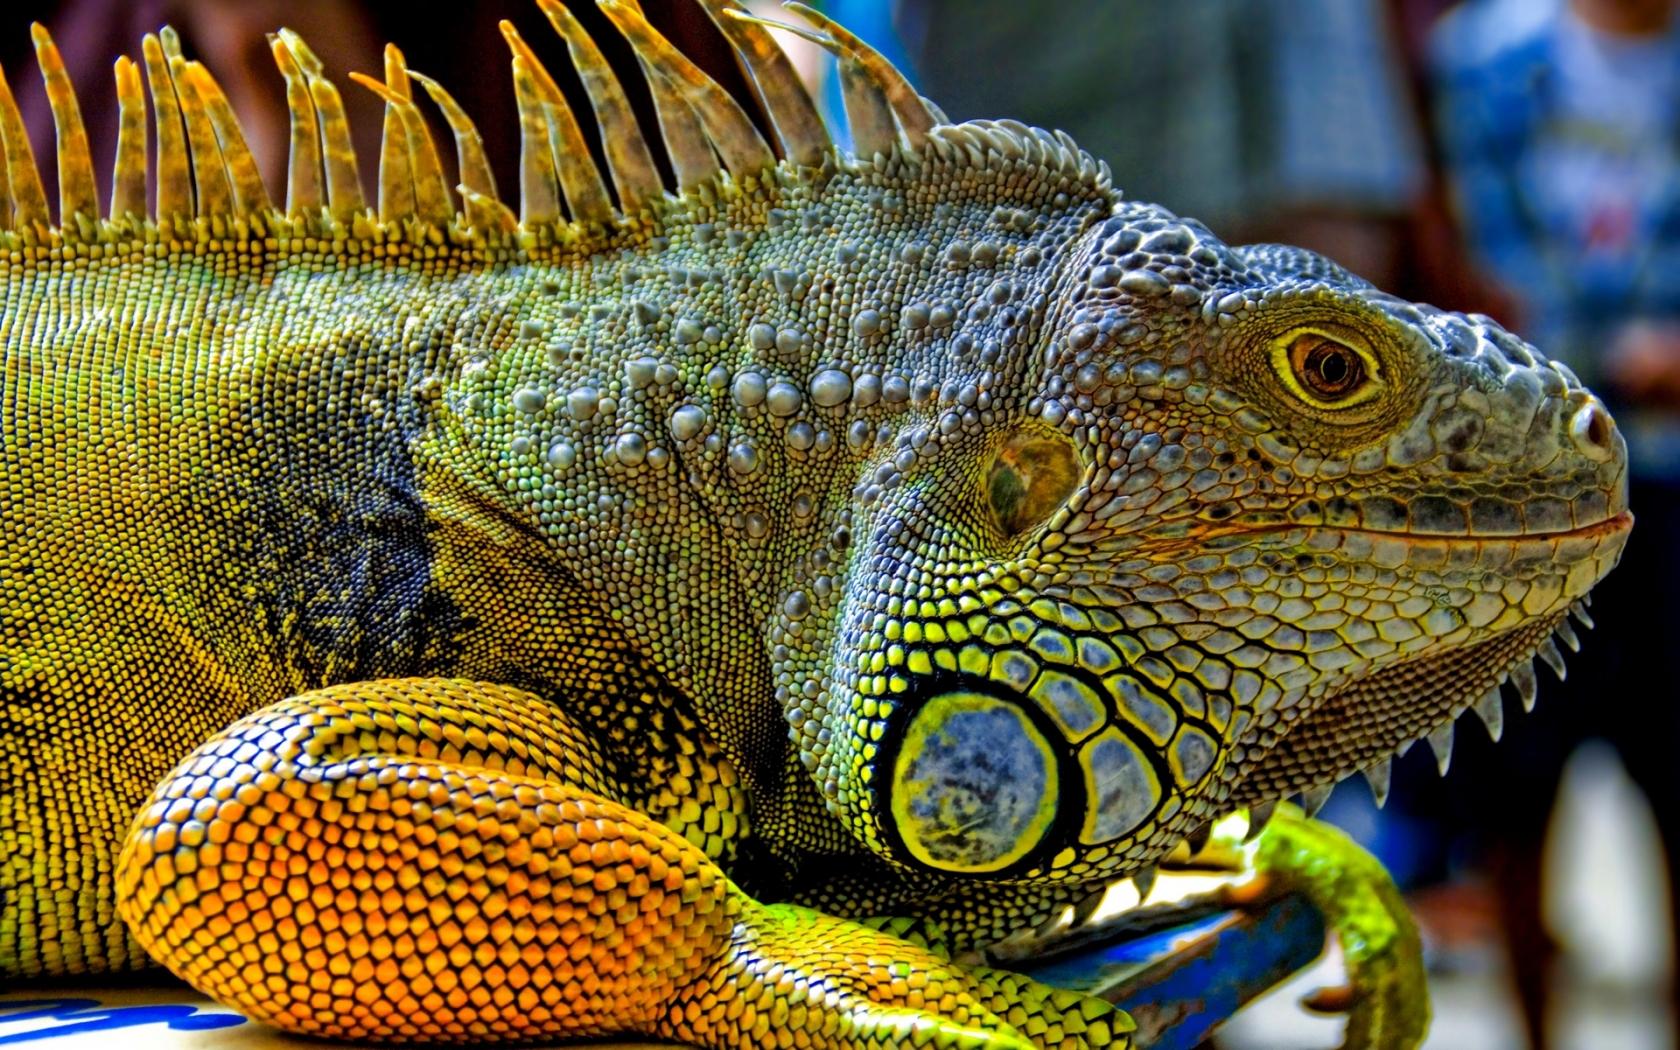 Una gran iguana verde - 1680x1050